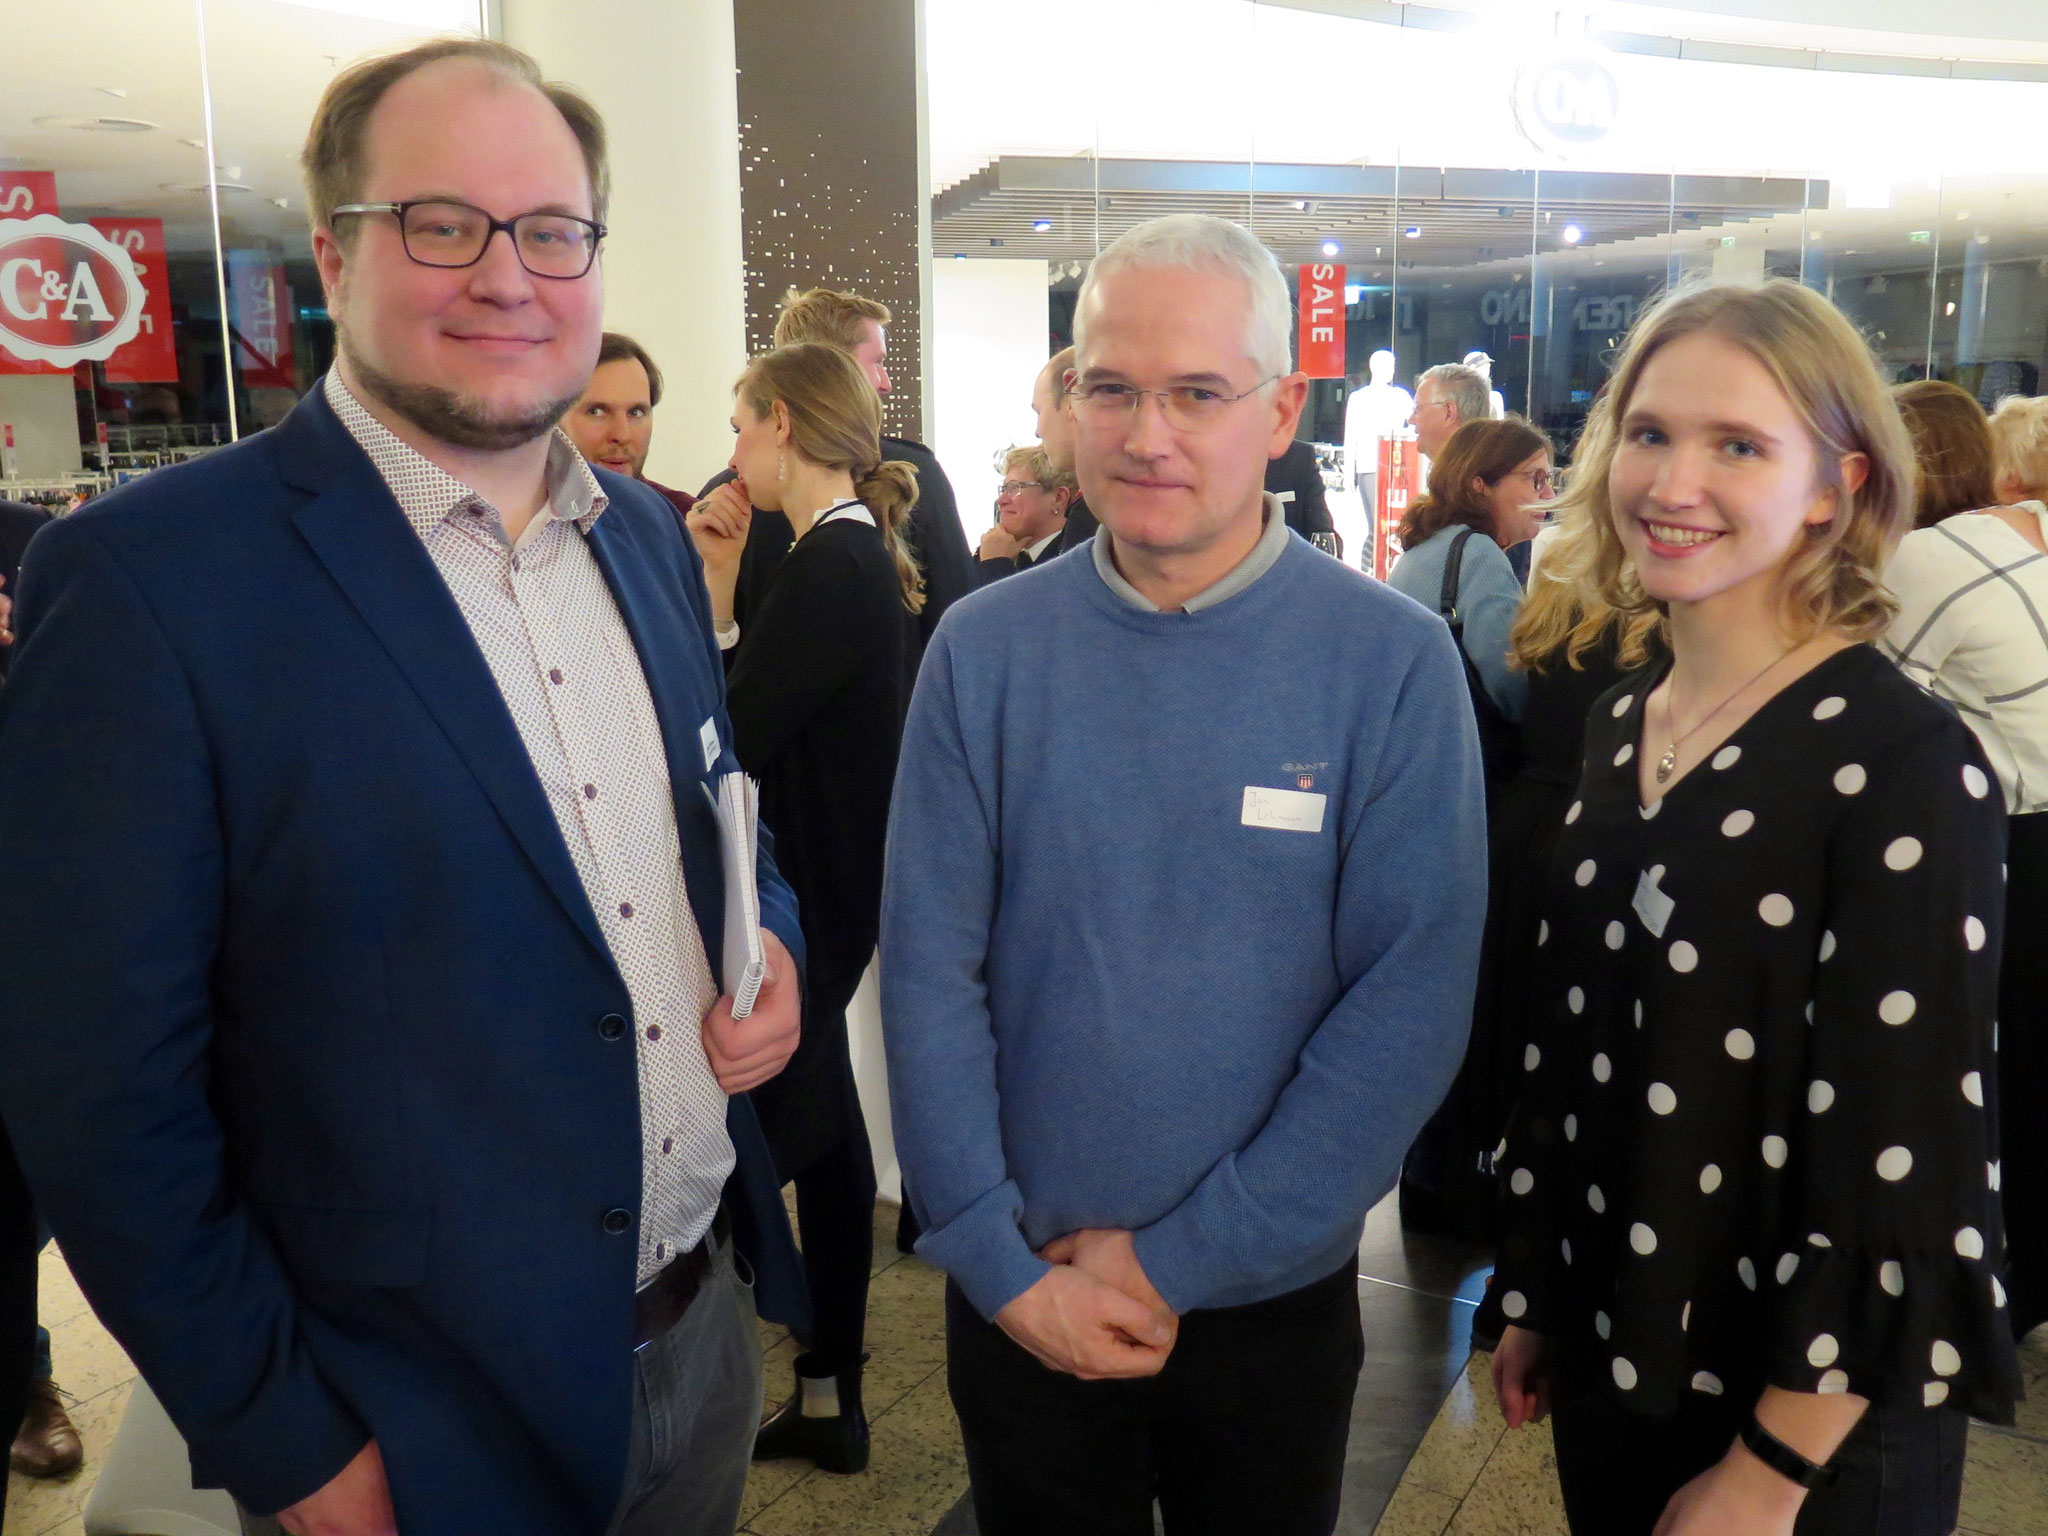 Ingo Salmen (Tagesspiegel) mit dem Vorsitzenden des Bezirkssportbunds, Jan Lehmann, und der SPD-Verordneten Luise Lehmann